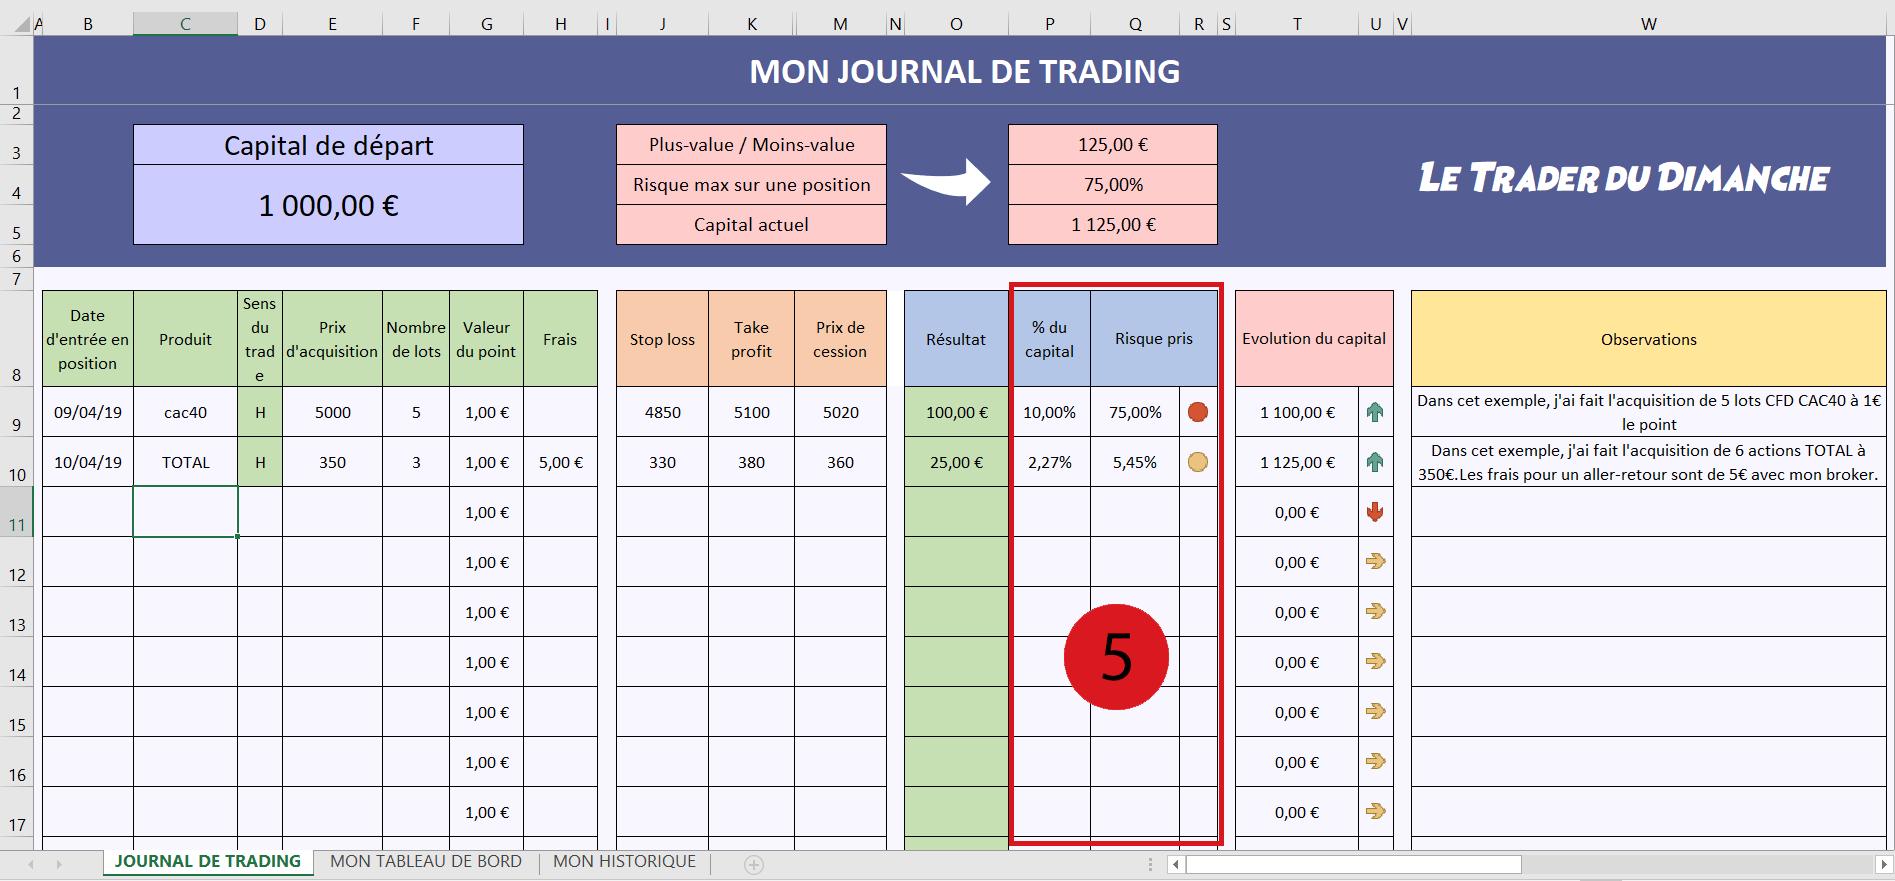 La version premium du journal de trading